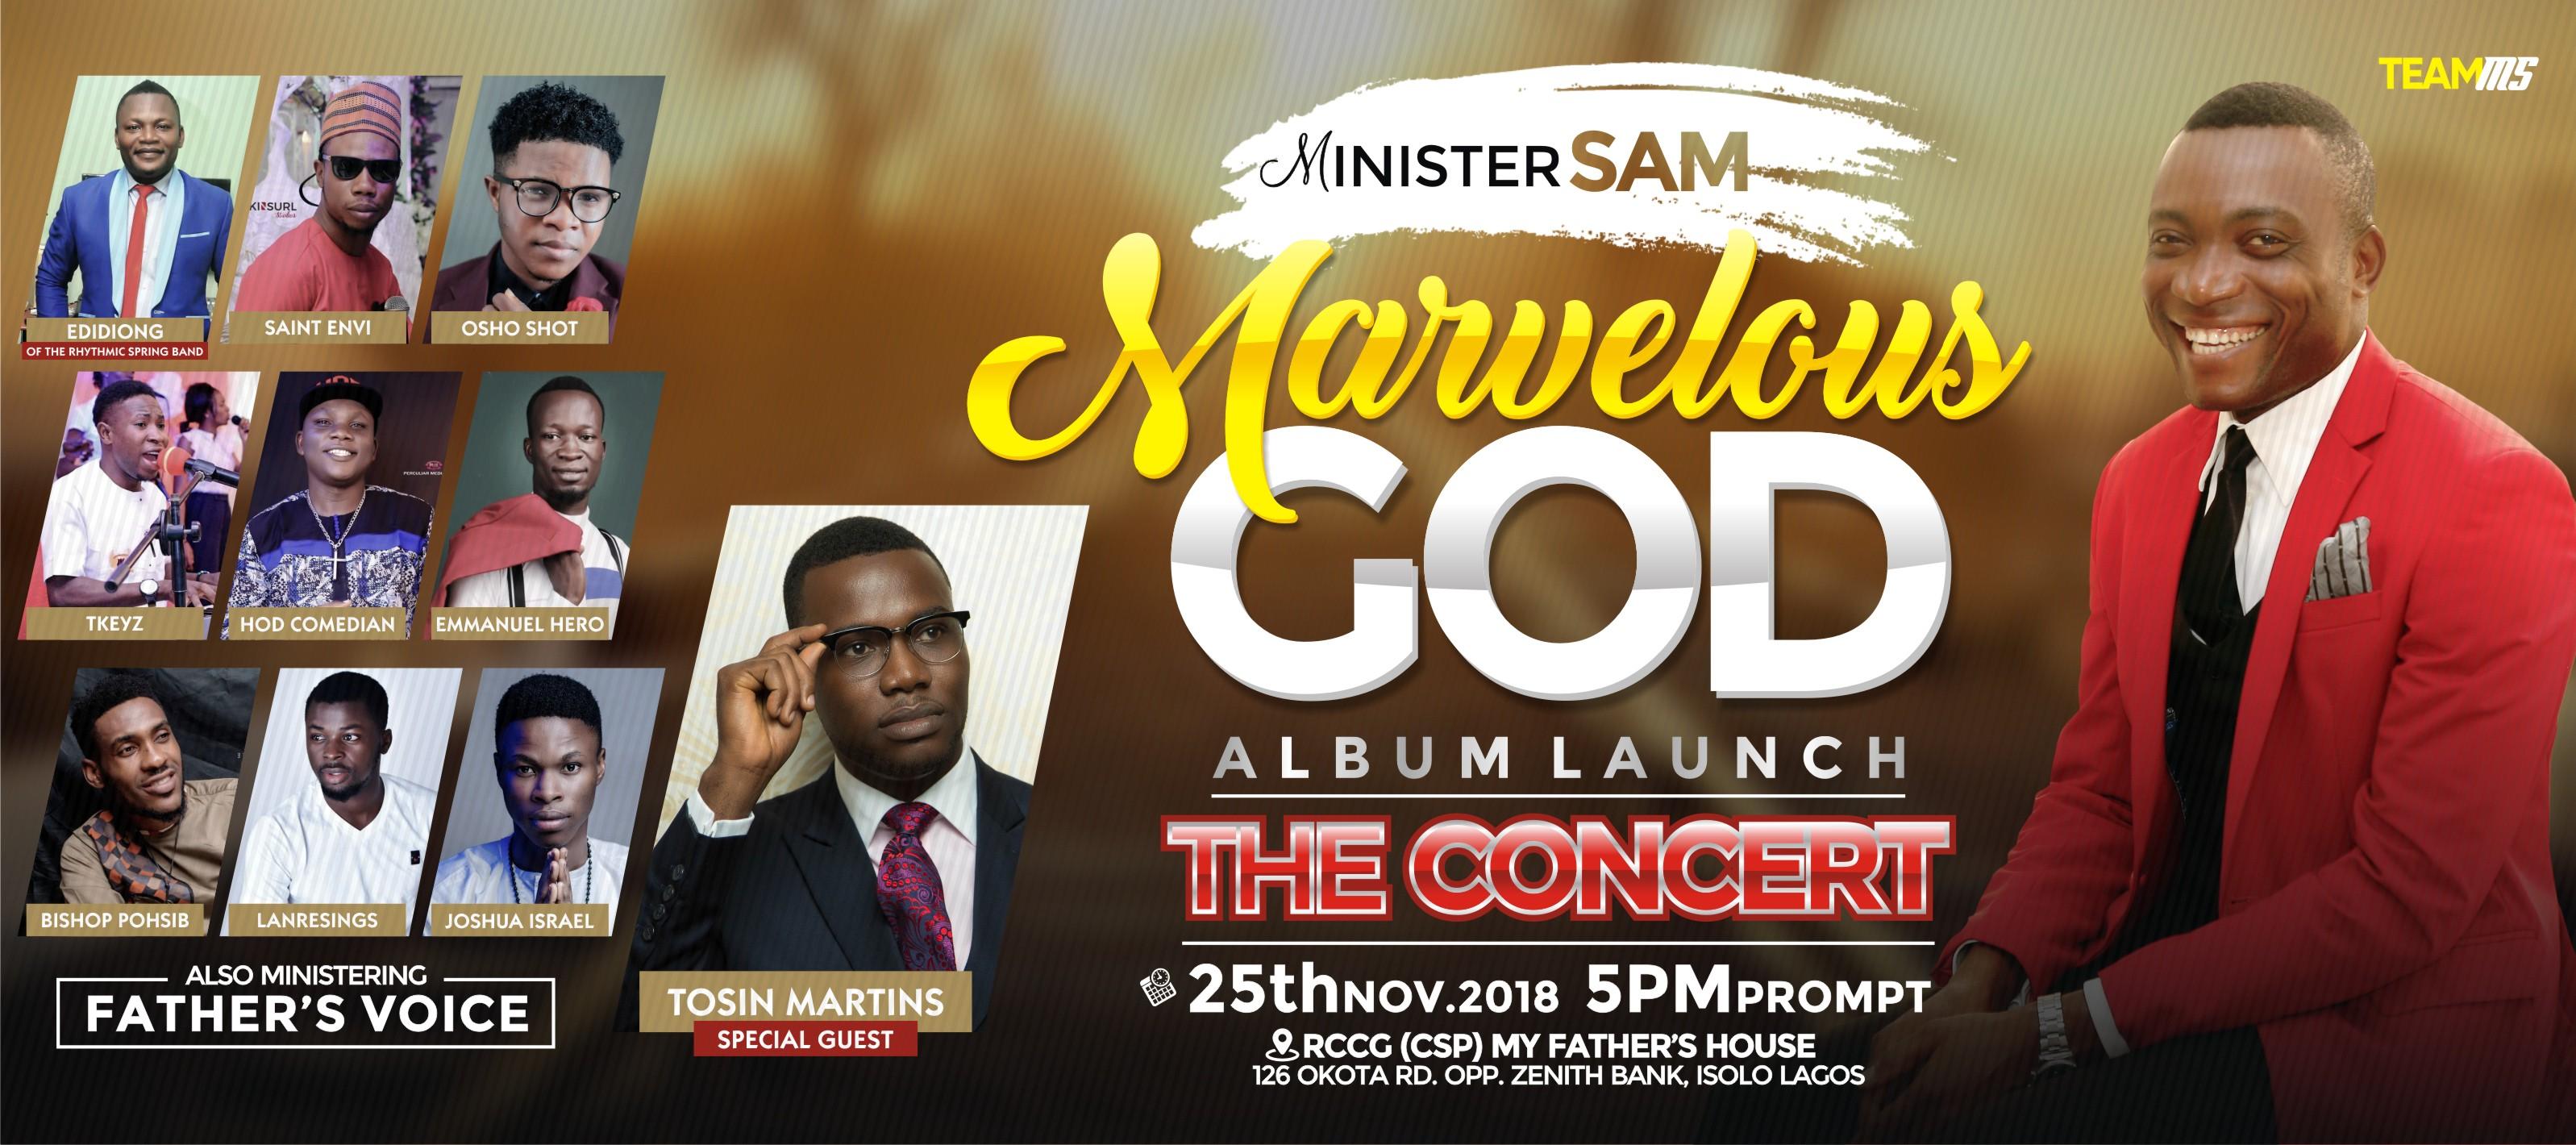 minister sam marvelous god